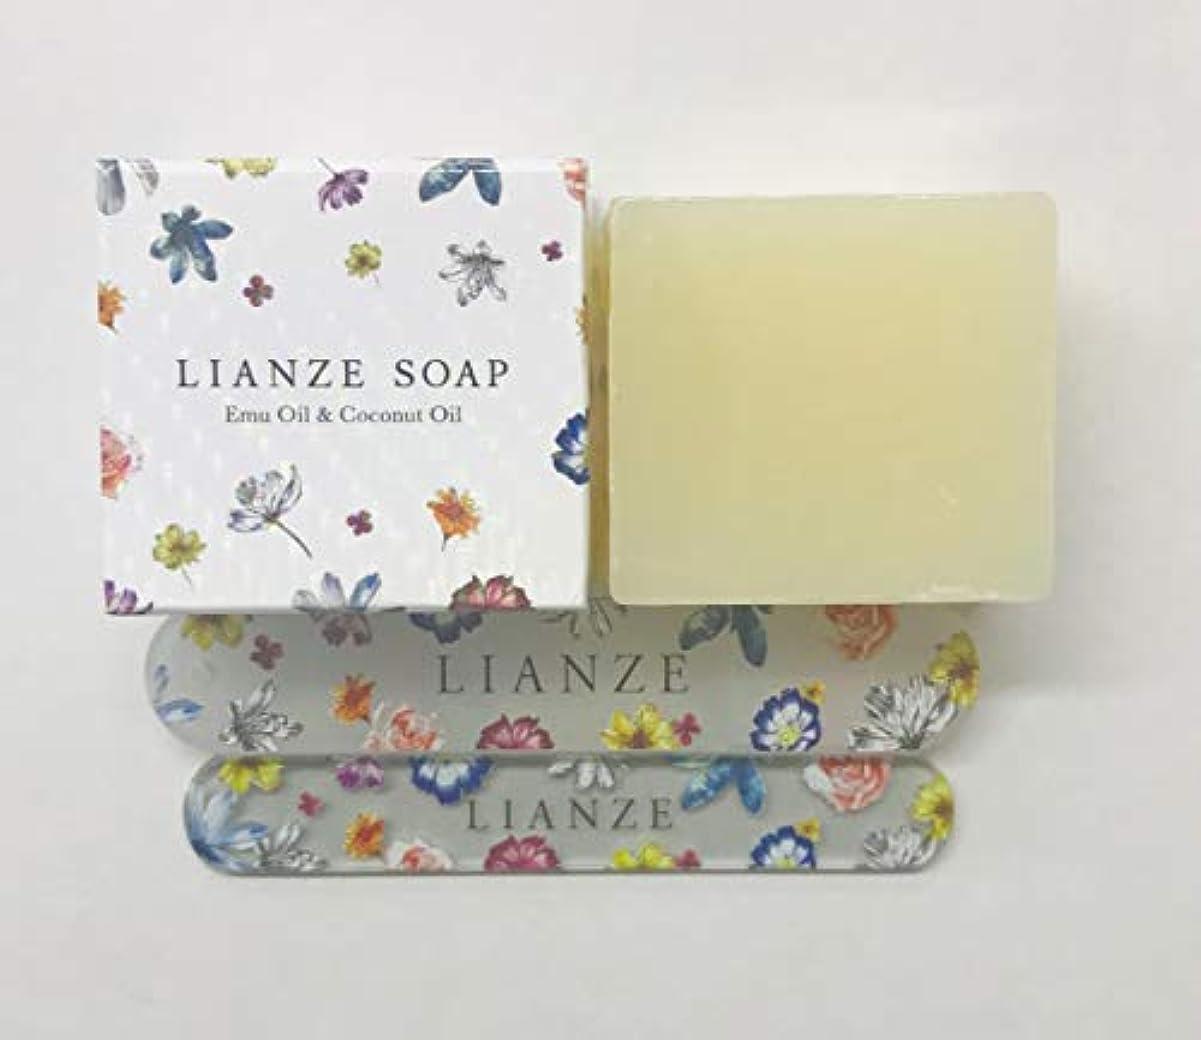 ミント呼吸するミントギフト プレゼント [ LIANZE ギフトセット ] 洗顔 石鹸 爪磨き